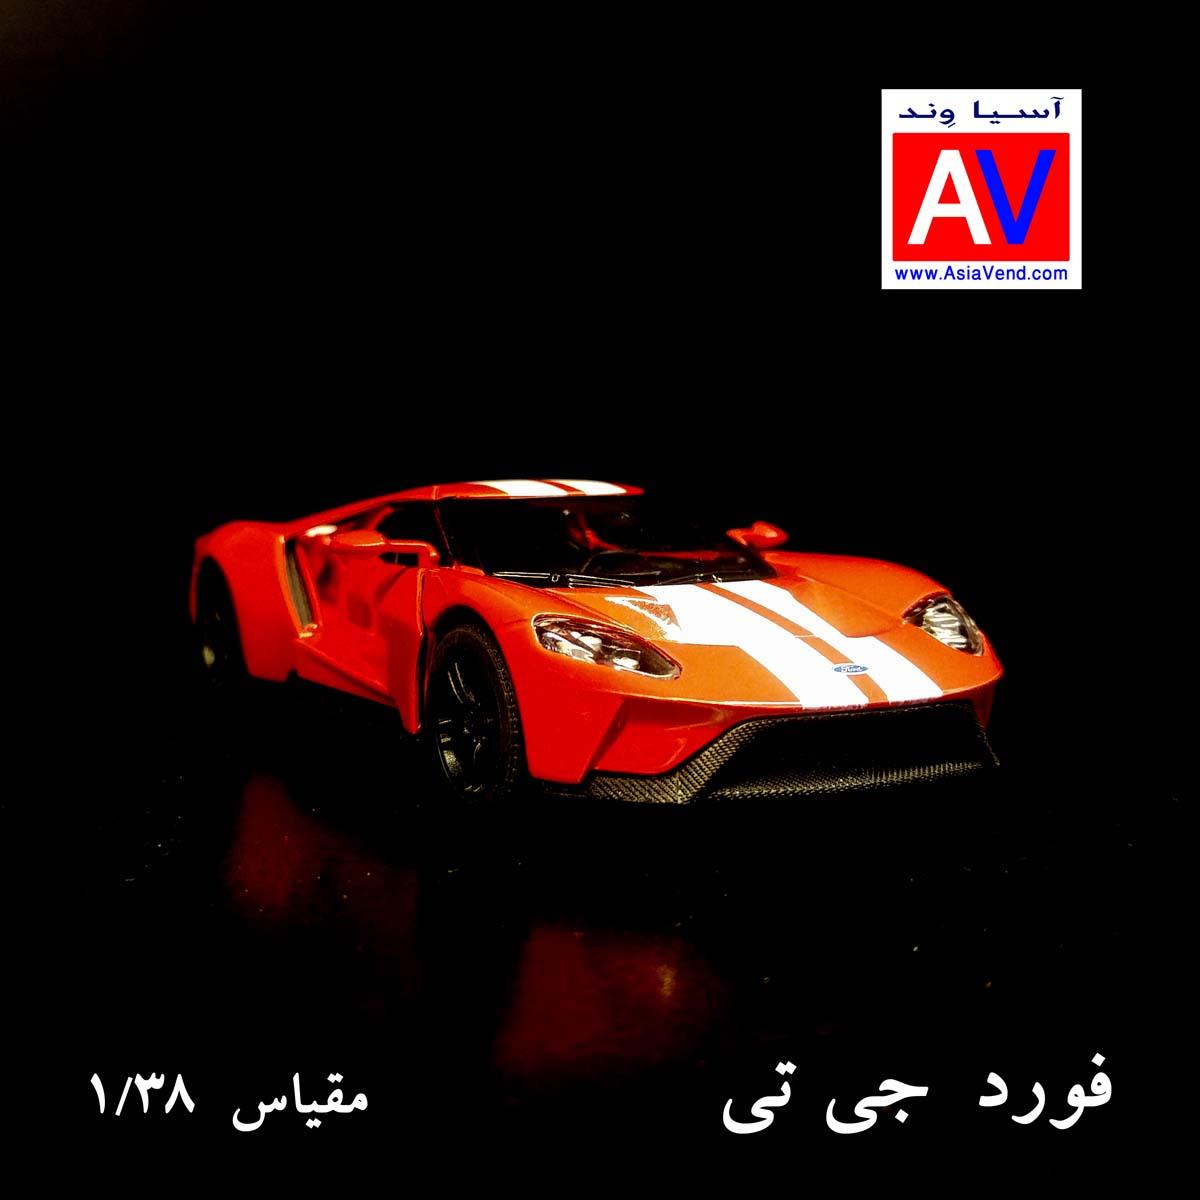 ماشین اسپورت ماکت ماشین فلزی فورد مقیاس 1/32 رنگ قرمز Ford GT Model Car